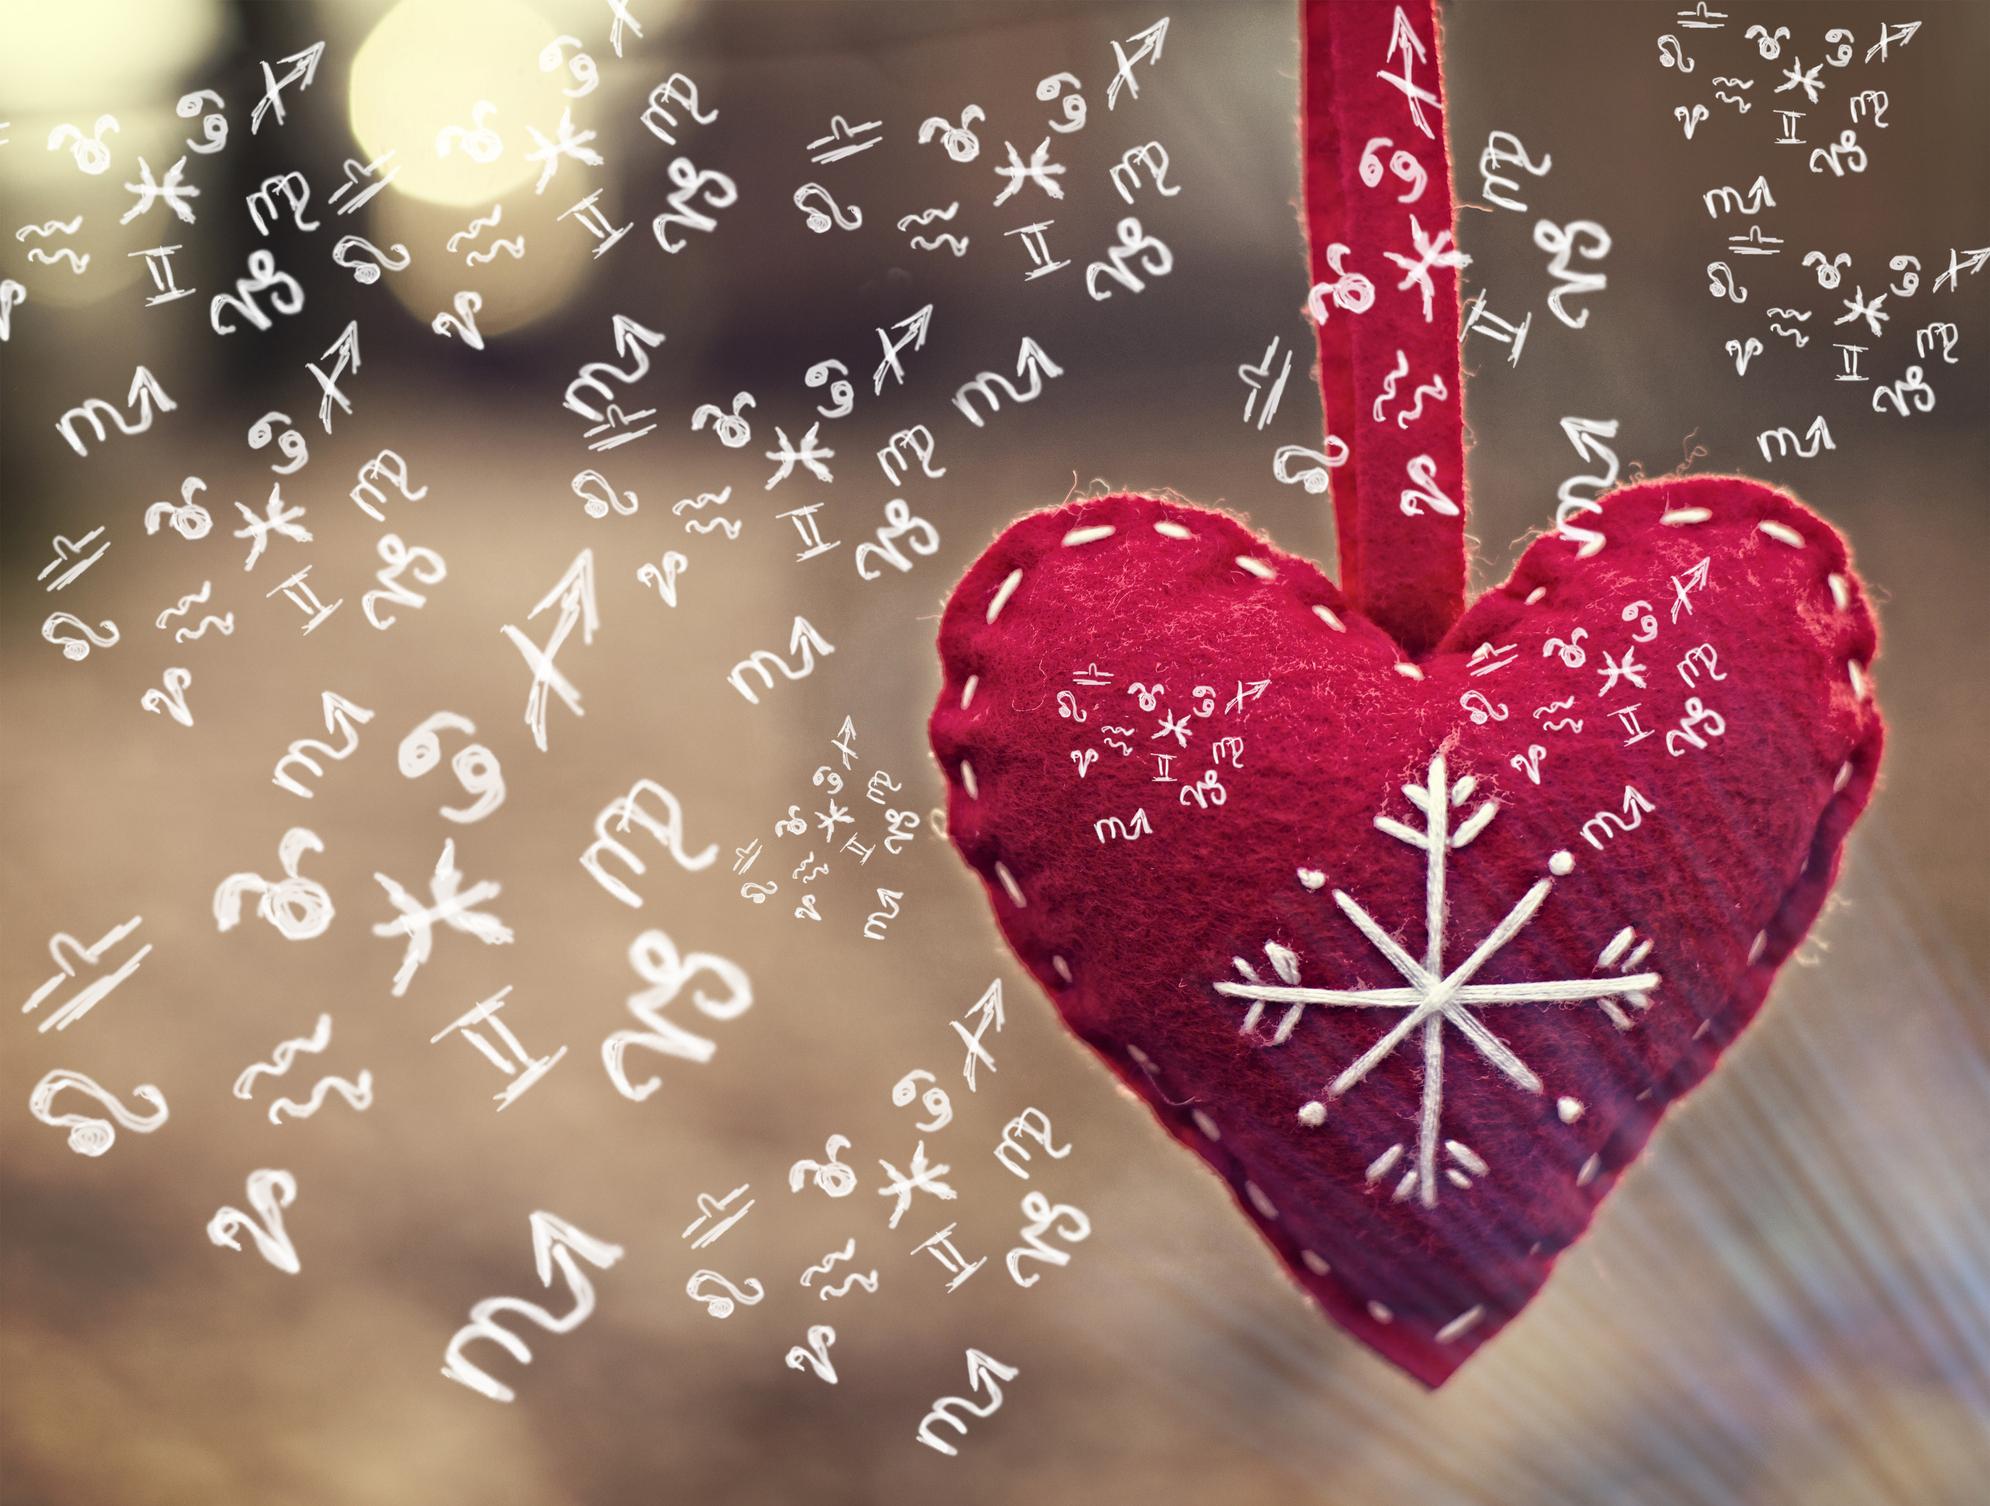 bak mérleg szerelmi horoszkóp